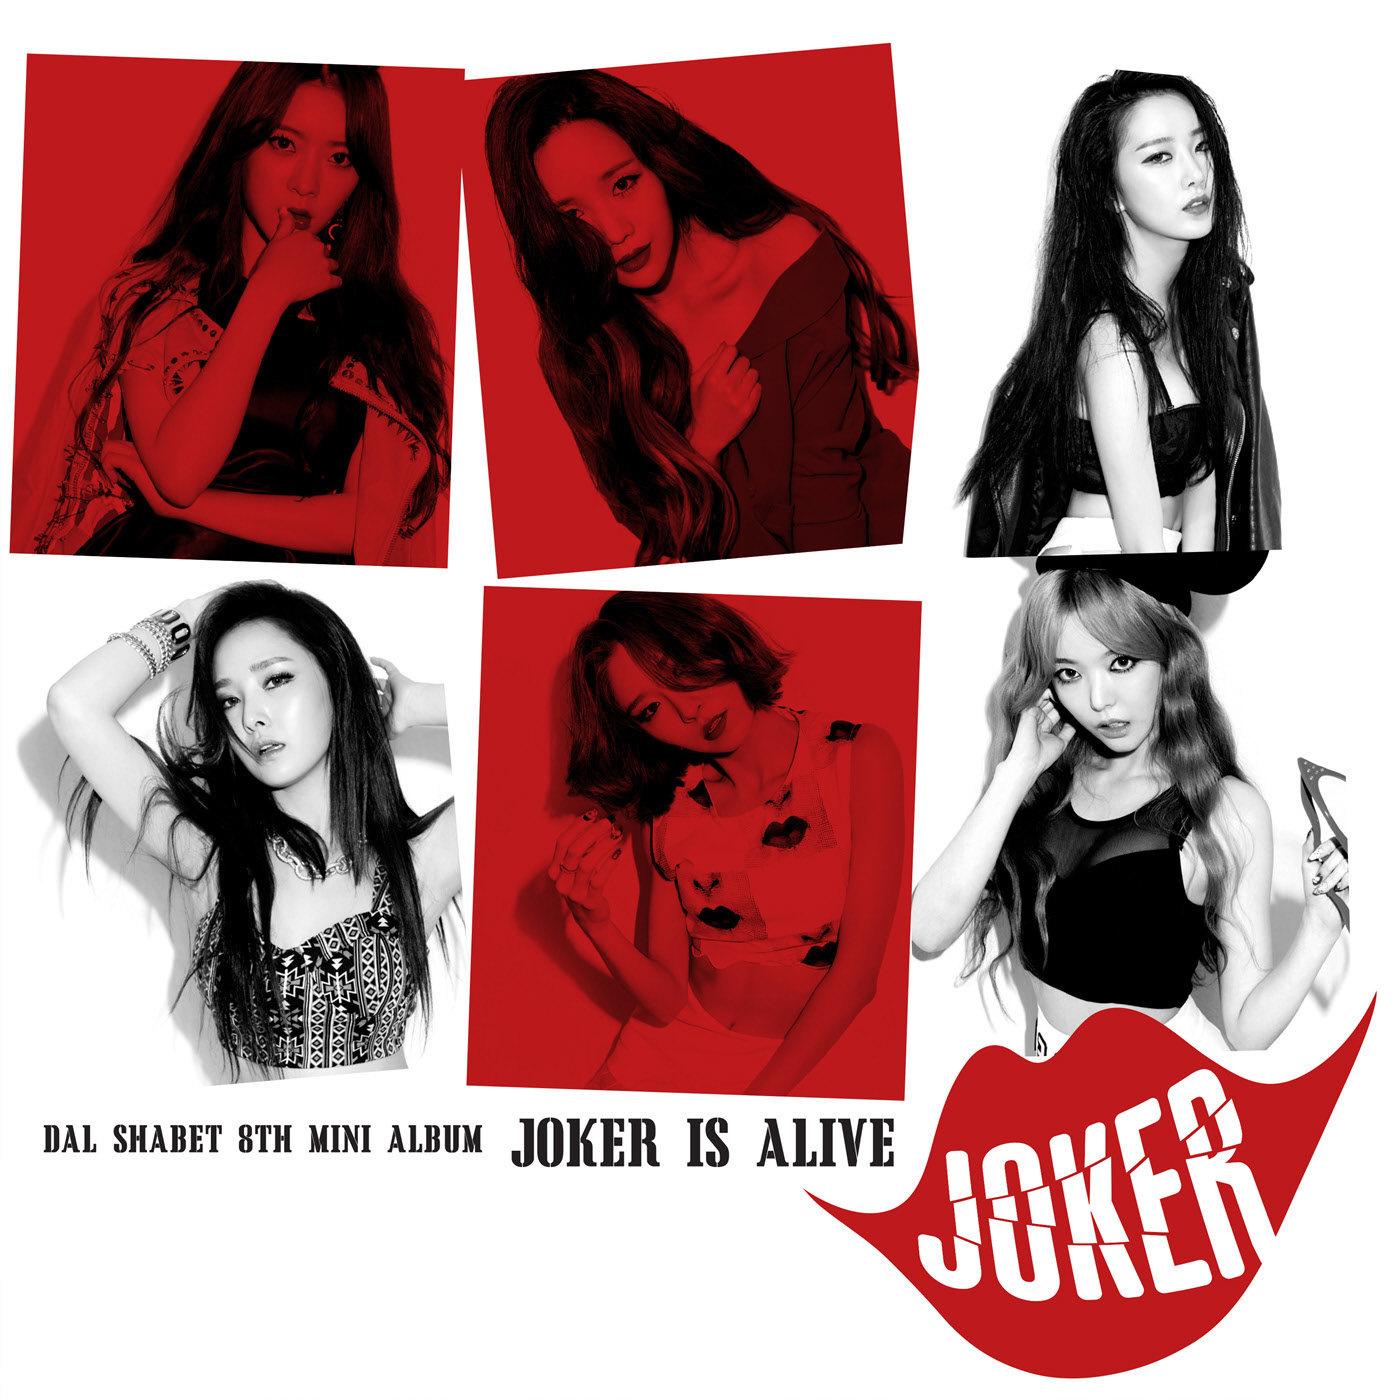 20160720.01.02 Dal Shabet - Joker is Alive cover.jpg